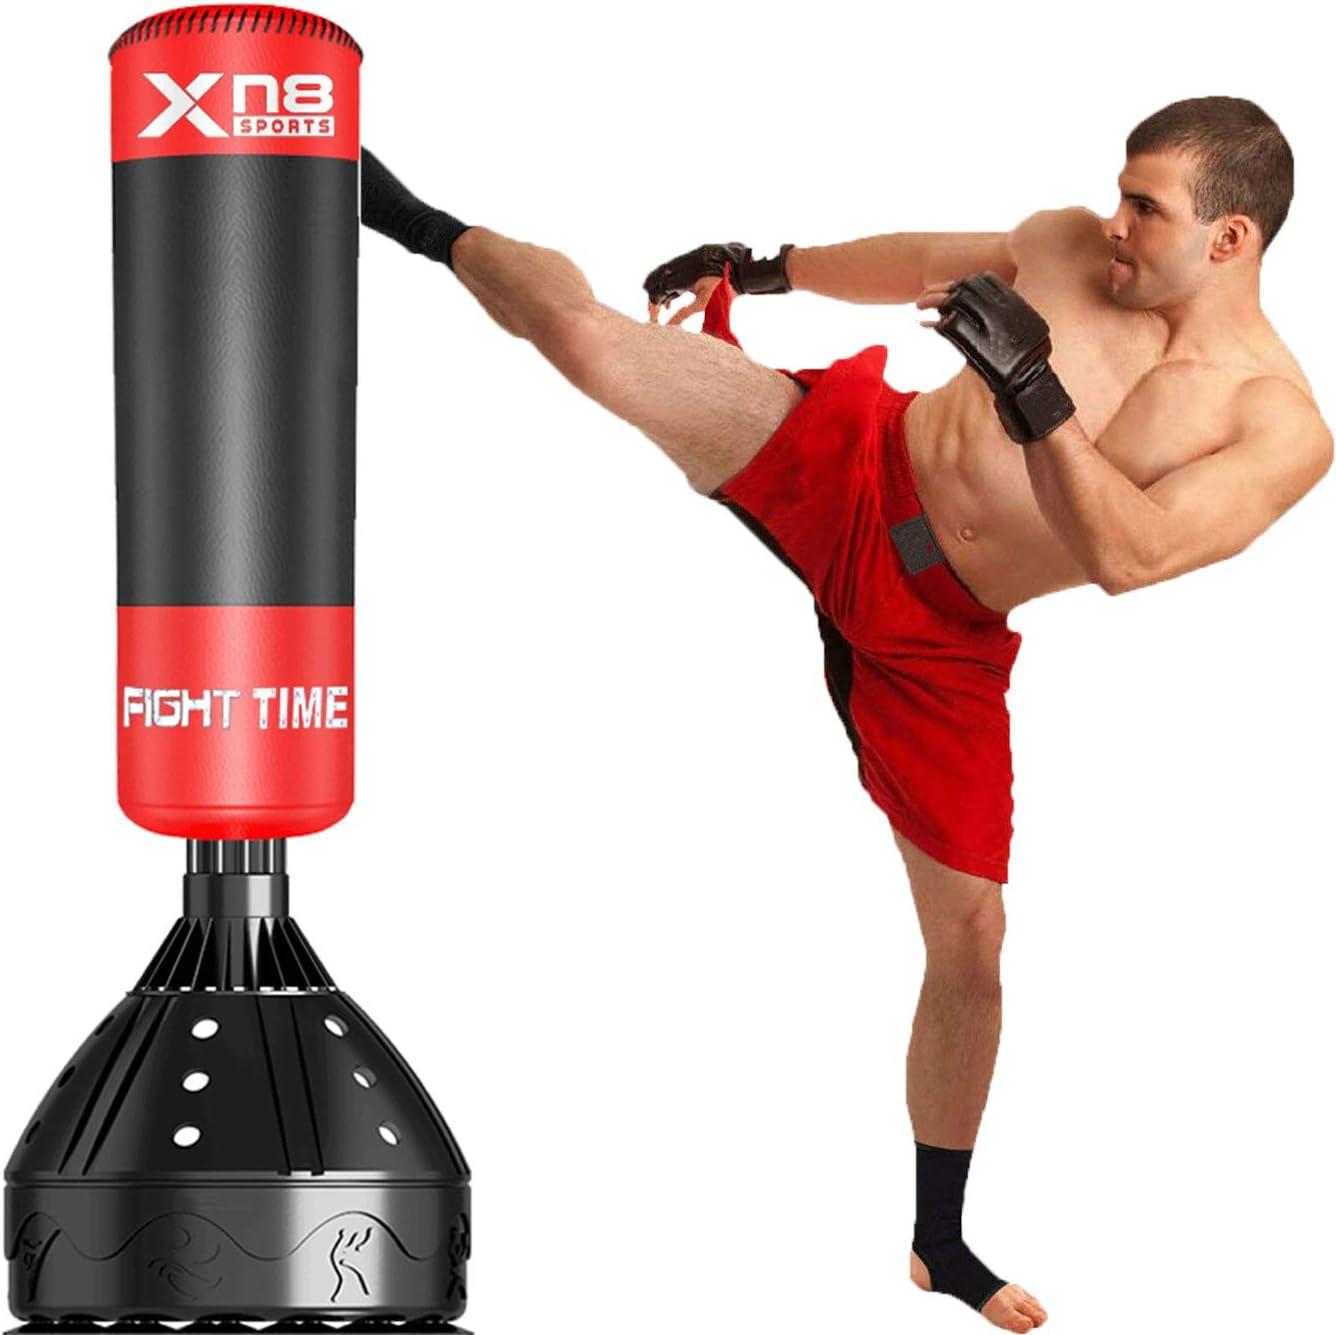 Schweres Boxsack Fitness Karate Training ZGF Sport gef/üllte Boxsack f/ür Erwachsene,100cm Kickboxen Gymnastik-Training